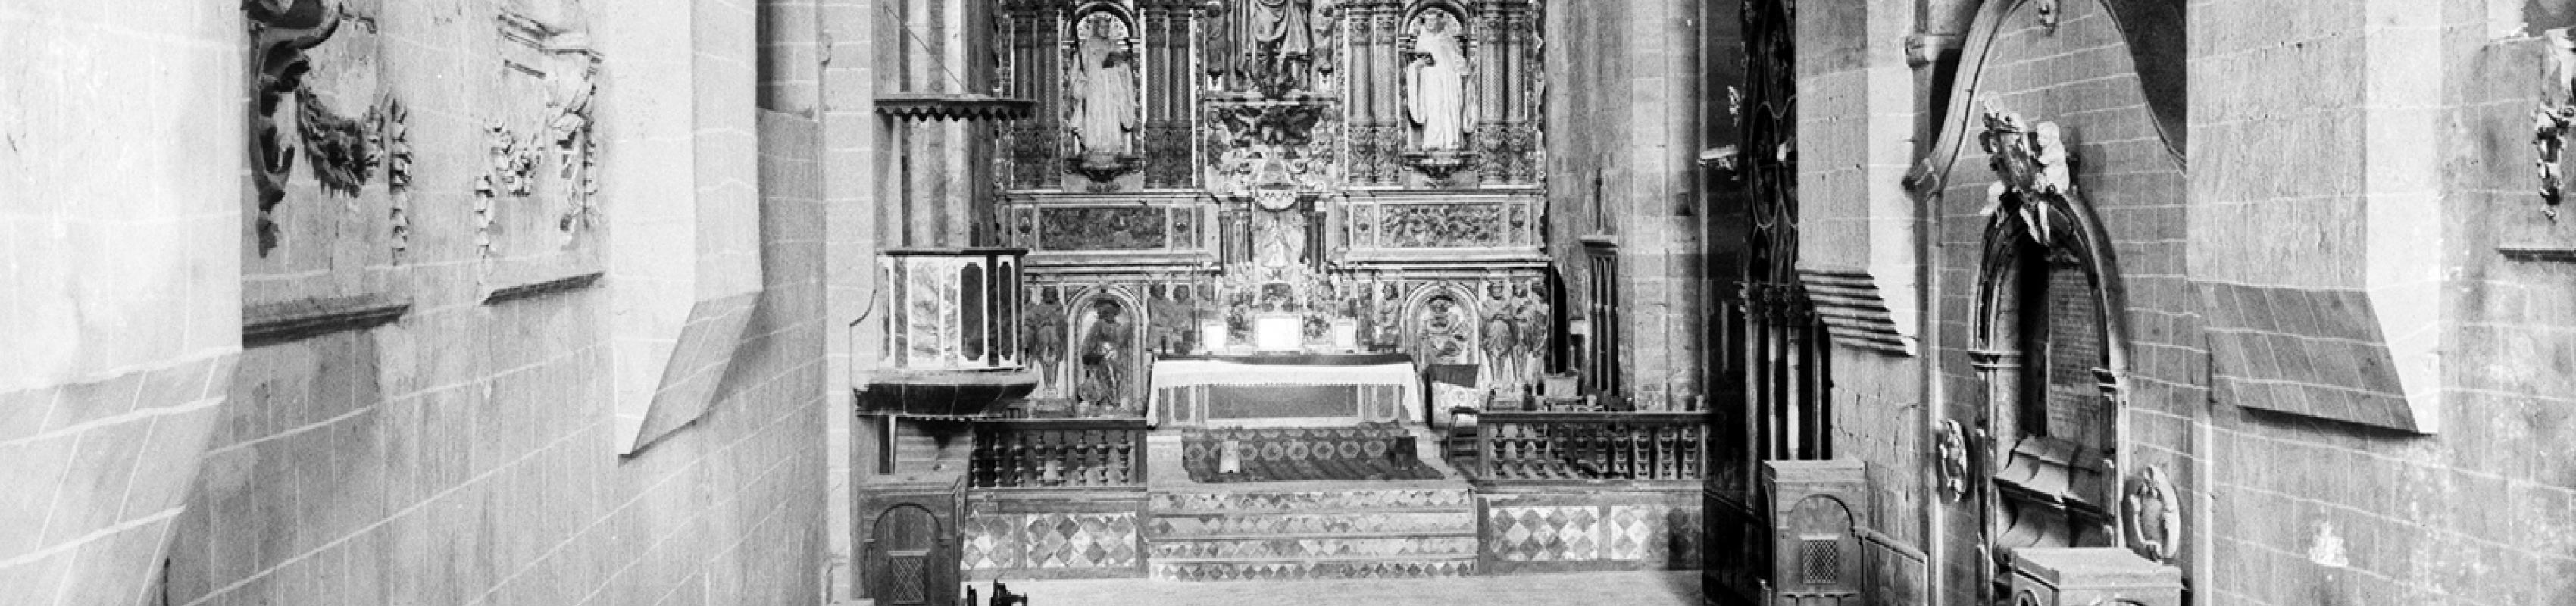 La nau central, el sepulcre dels Montcada a la dreta i el trànsit entre naus tapiades, v. 1890 (Centre Excursionista de Catalunya. Arxiu Fotogràfic, núm. reg. 6855)